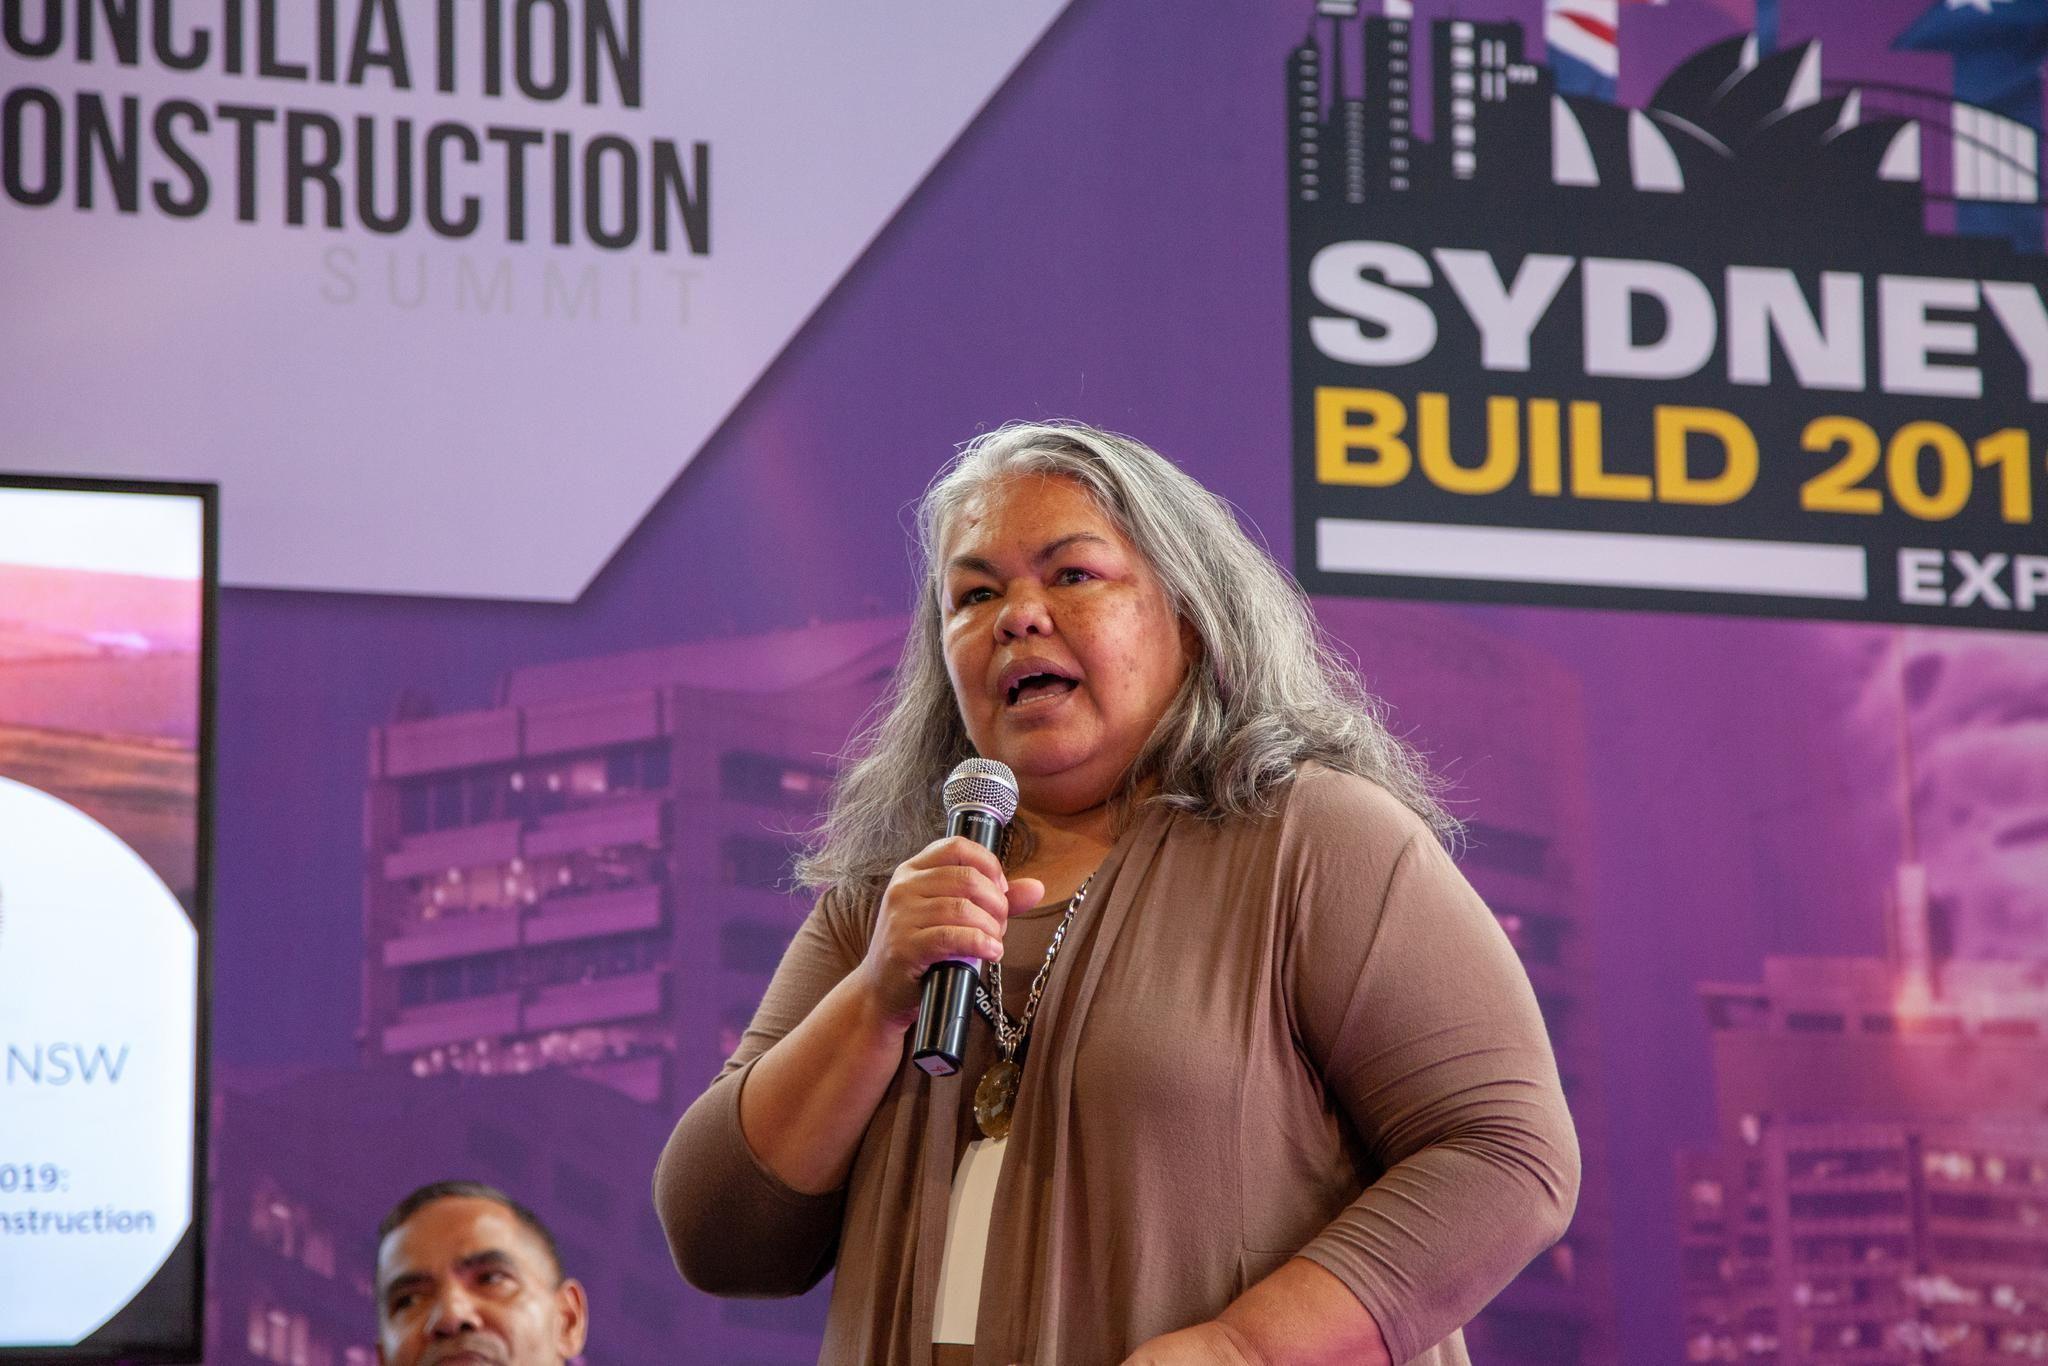 Sydney Build Speaker Reconciliation